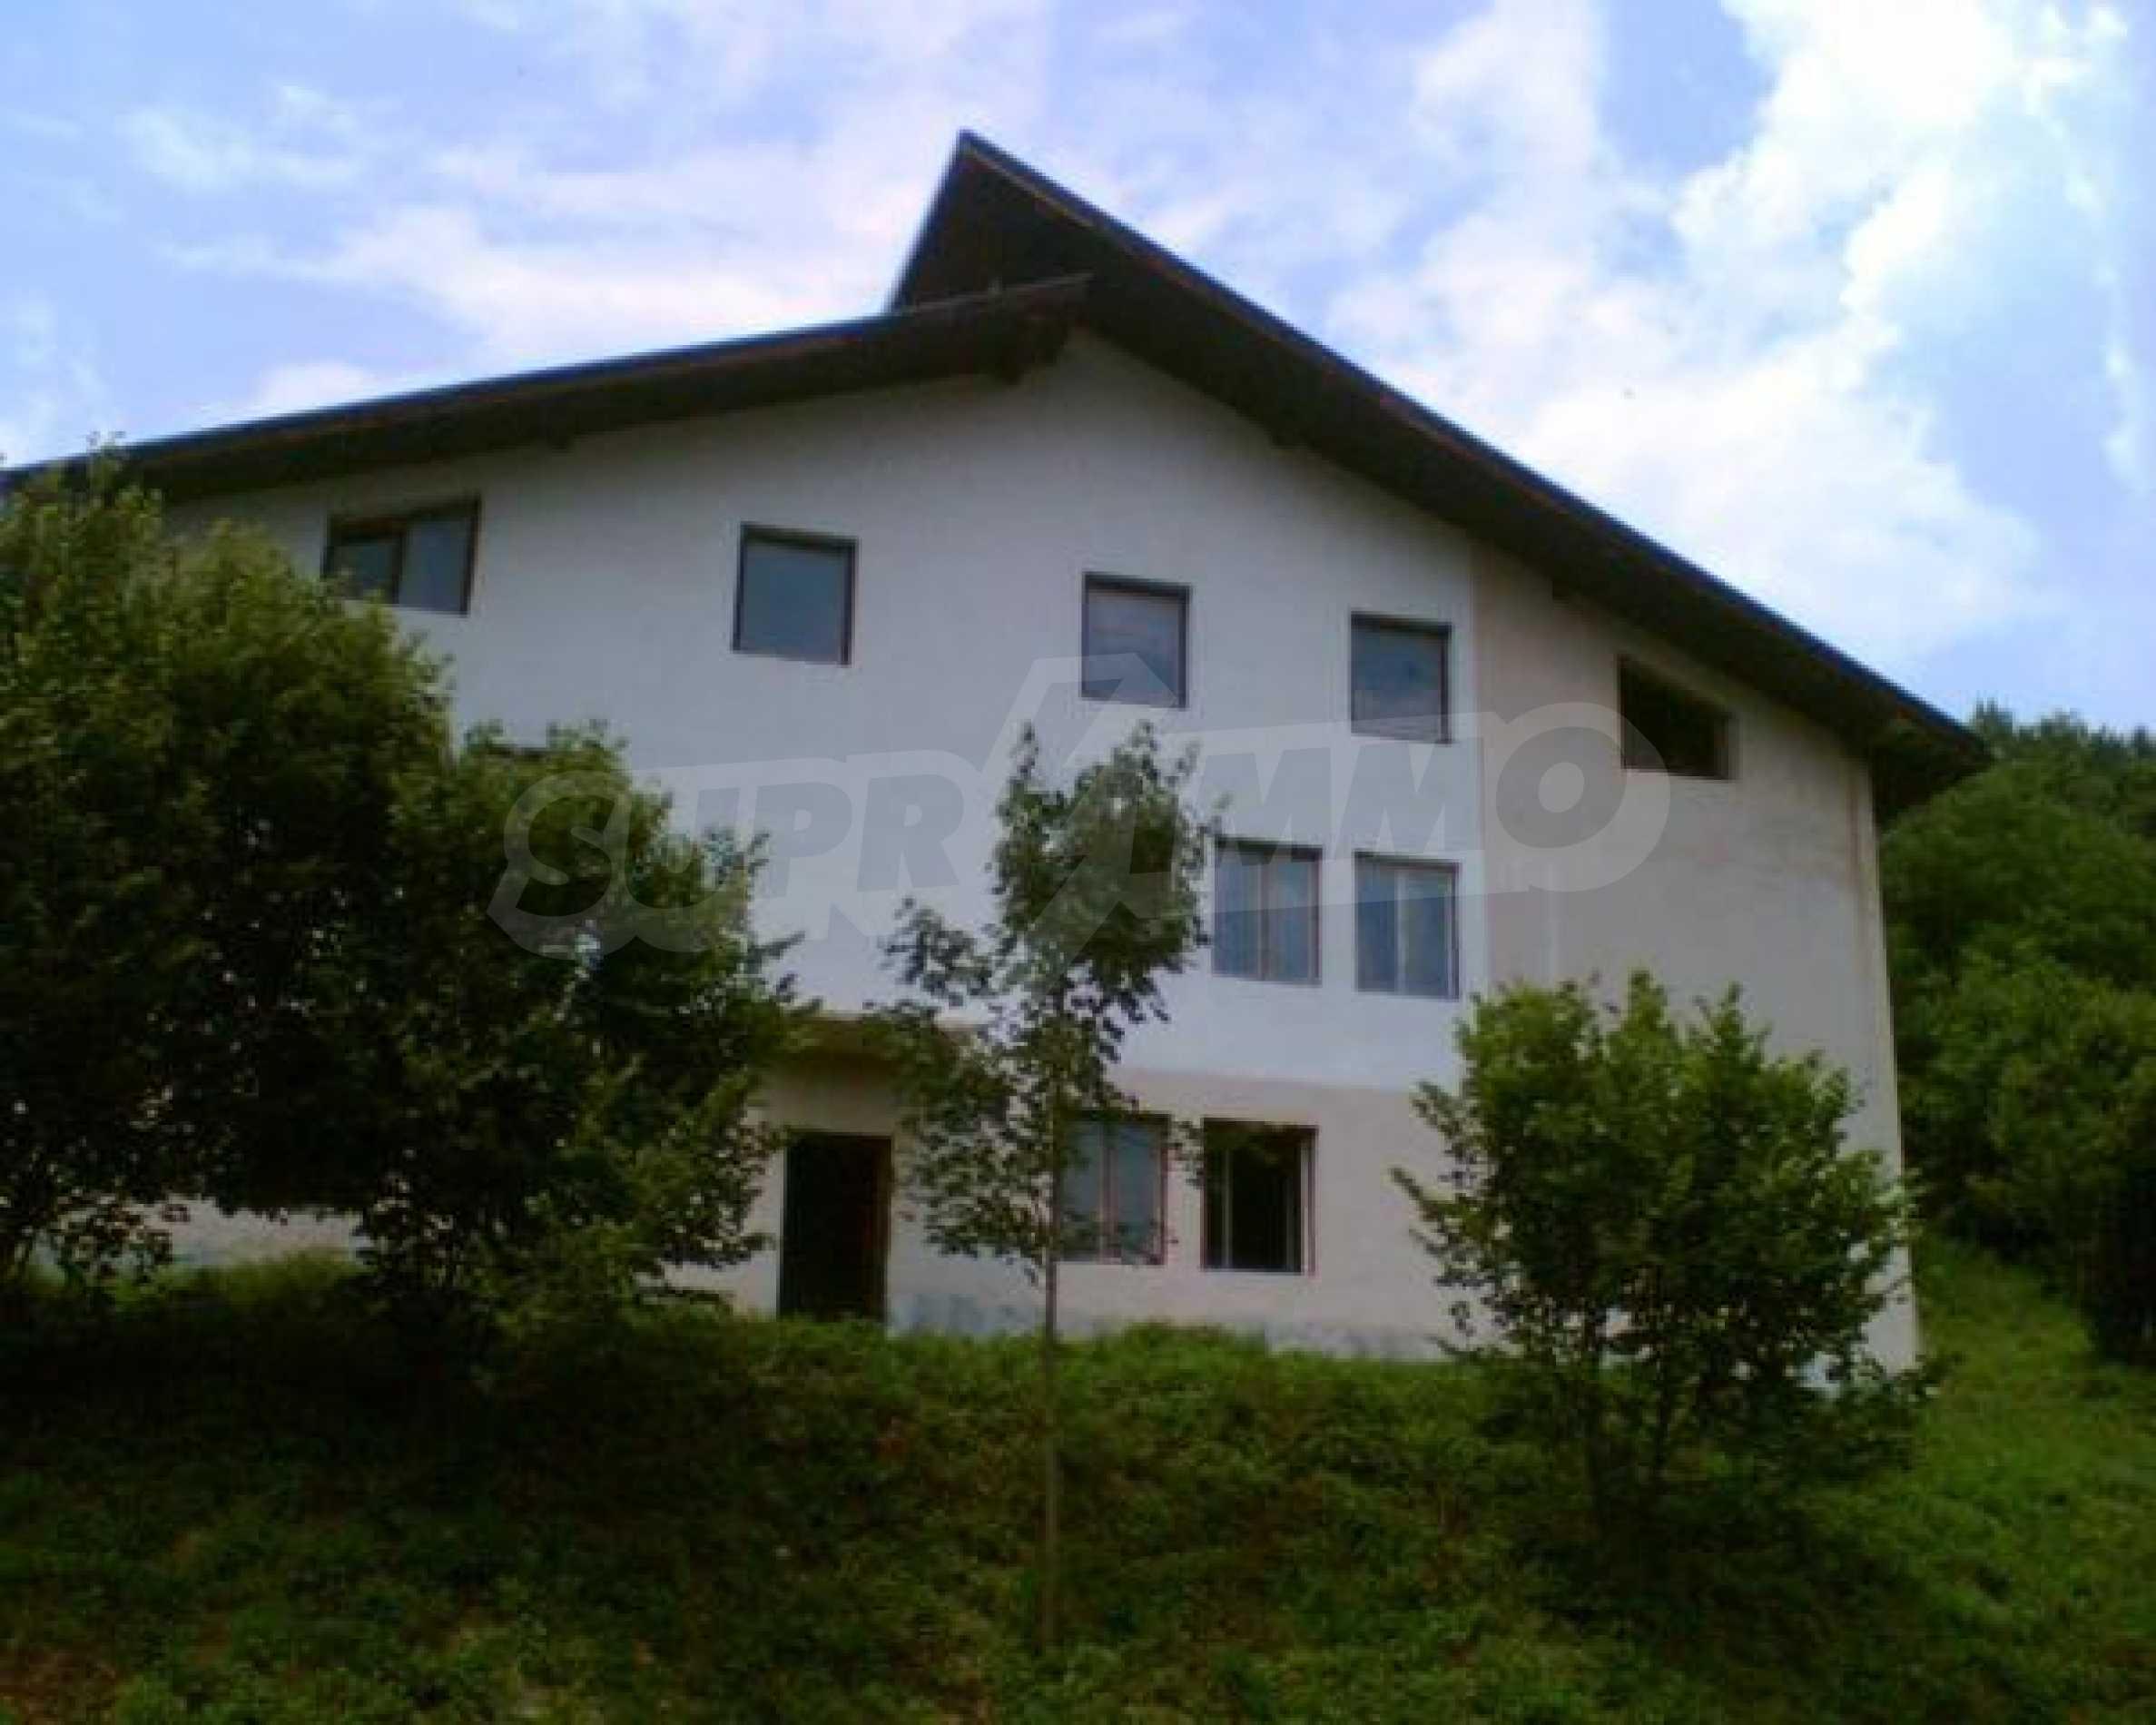 Neugebautes Haus mit Geschäftspotential, nur 6 km von Trjawna entfernt